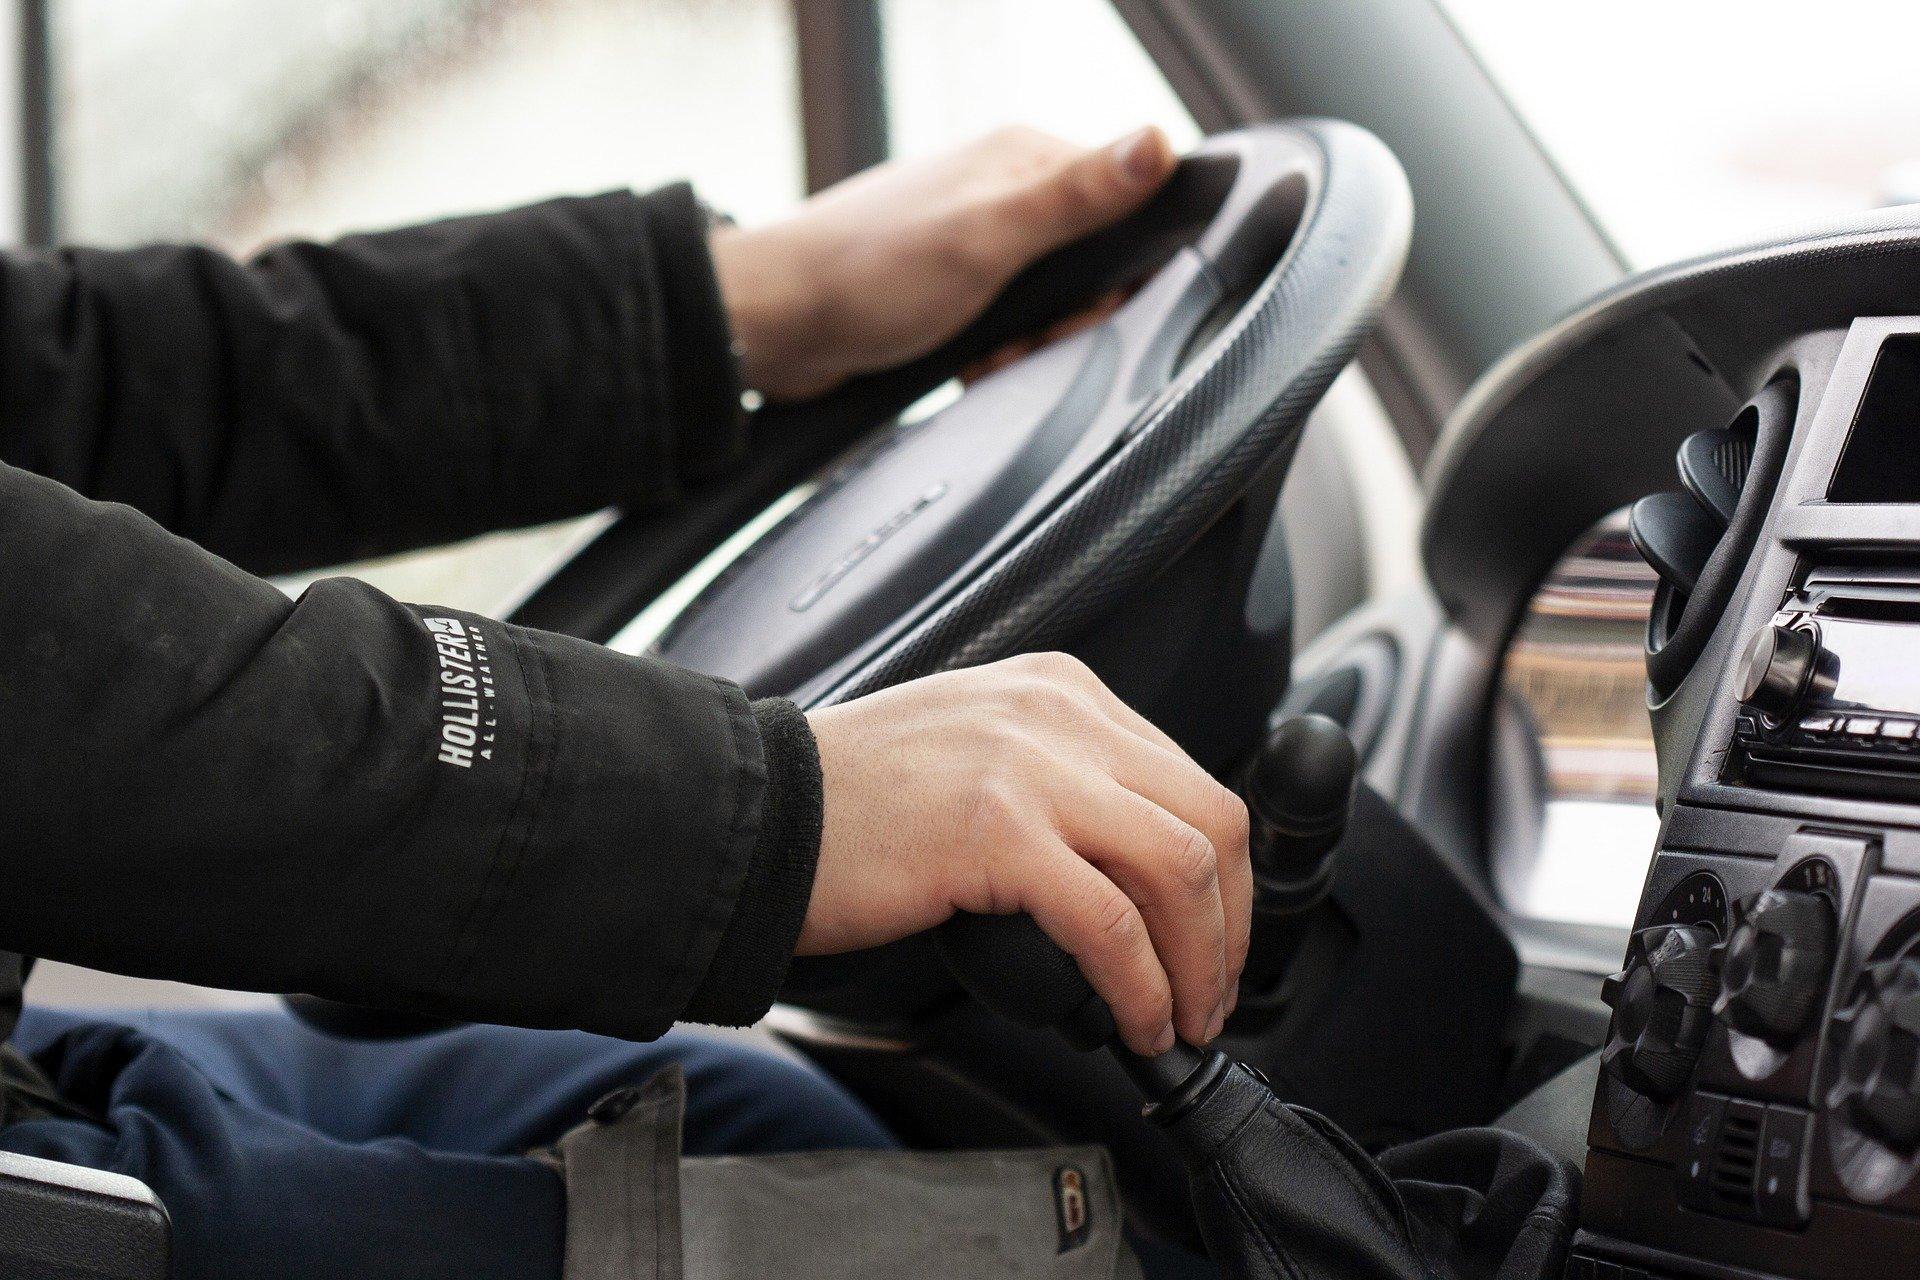 Kolejne zmiany dla kierowców zawodowych. Tym razem dotyczą szkoleń i pracowników z zagranicy